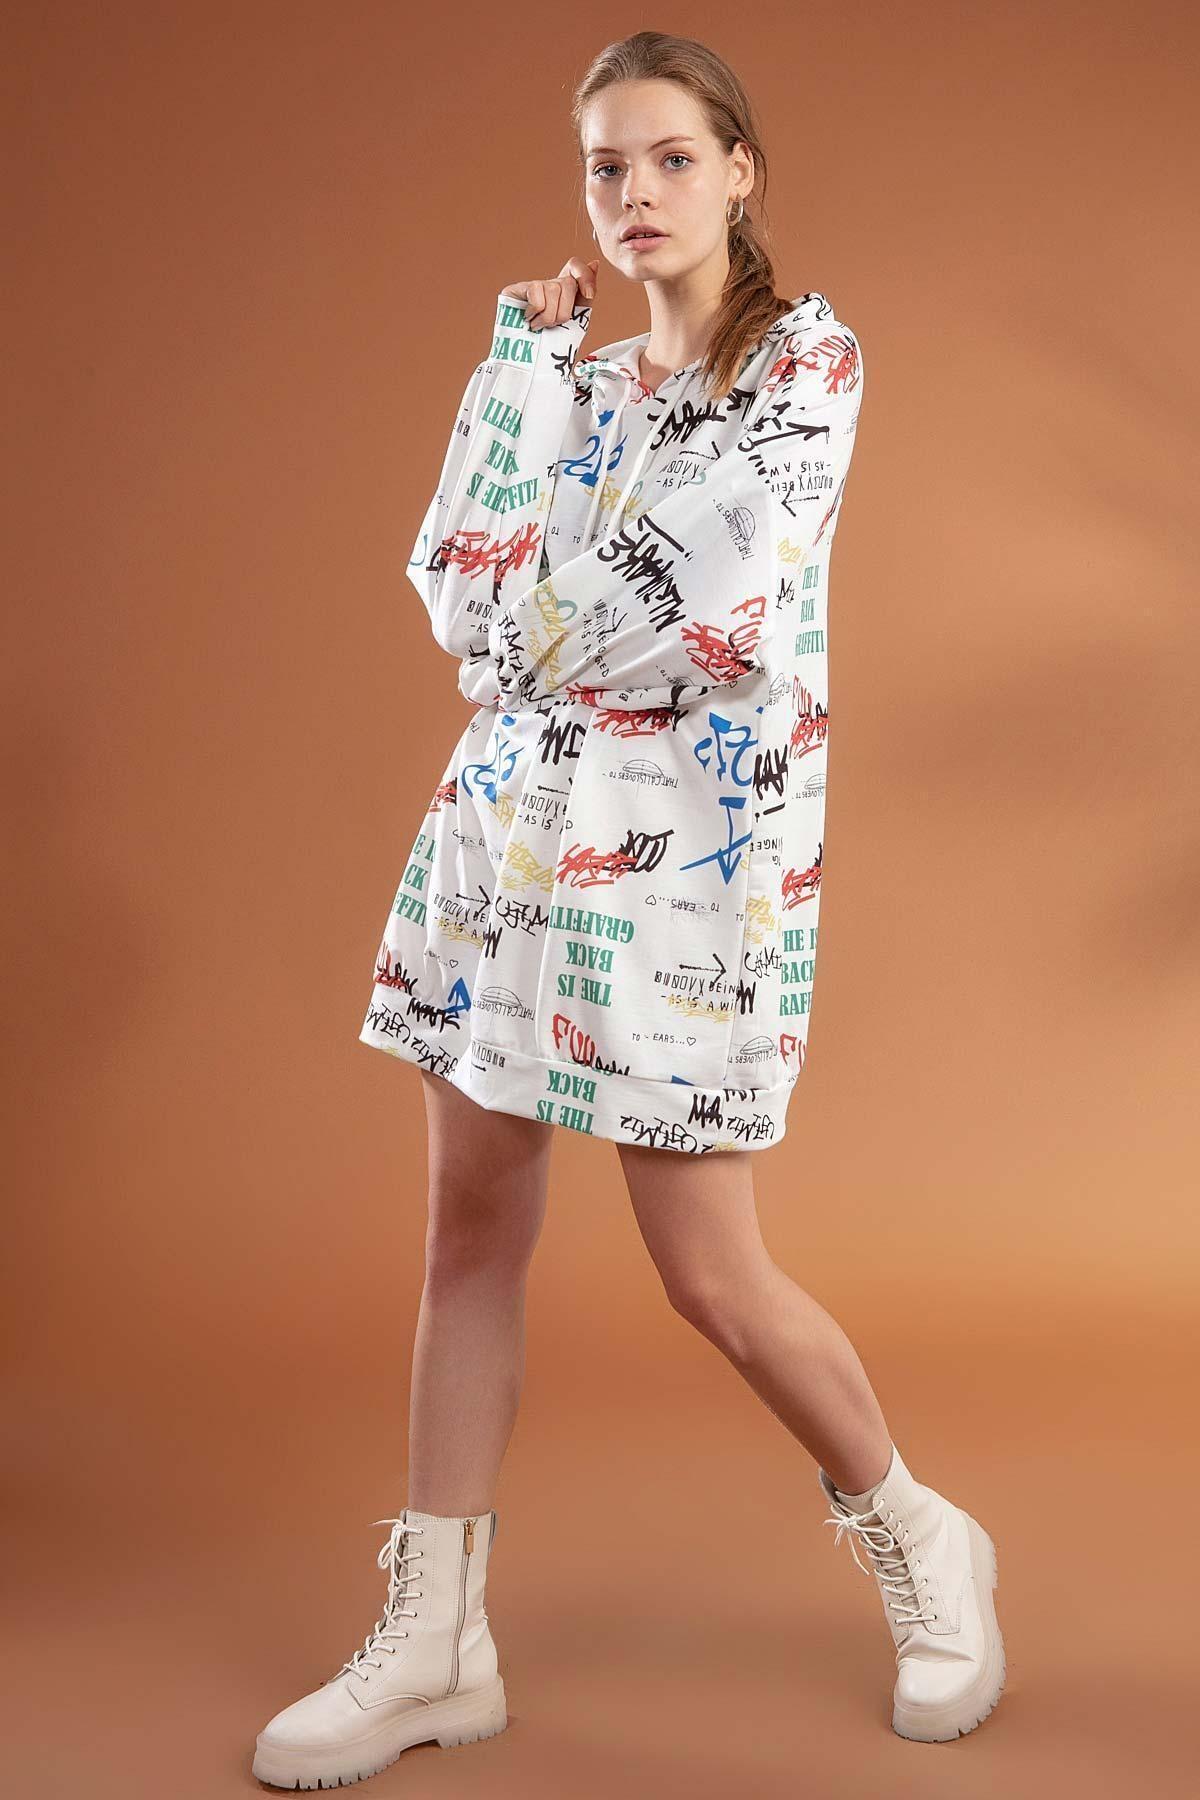 Pattaya Kadın Yazı Baskılı Kapşonlu Oversize Elbise Sweatshirt Y20w110-4125-3 1